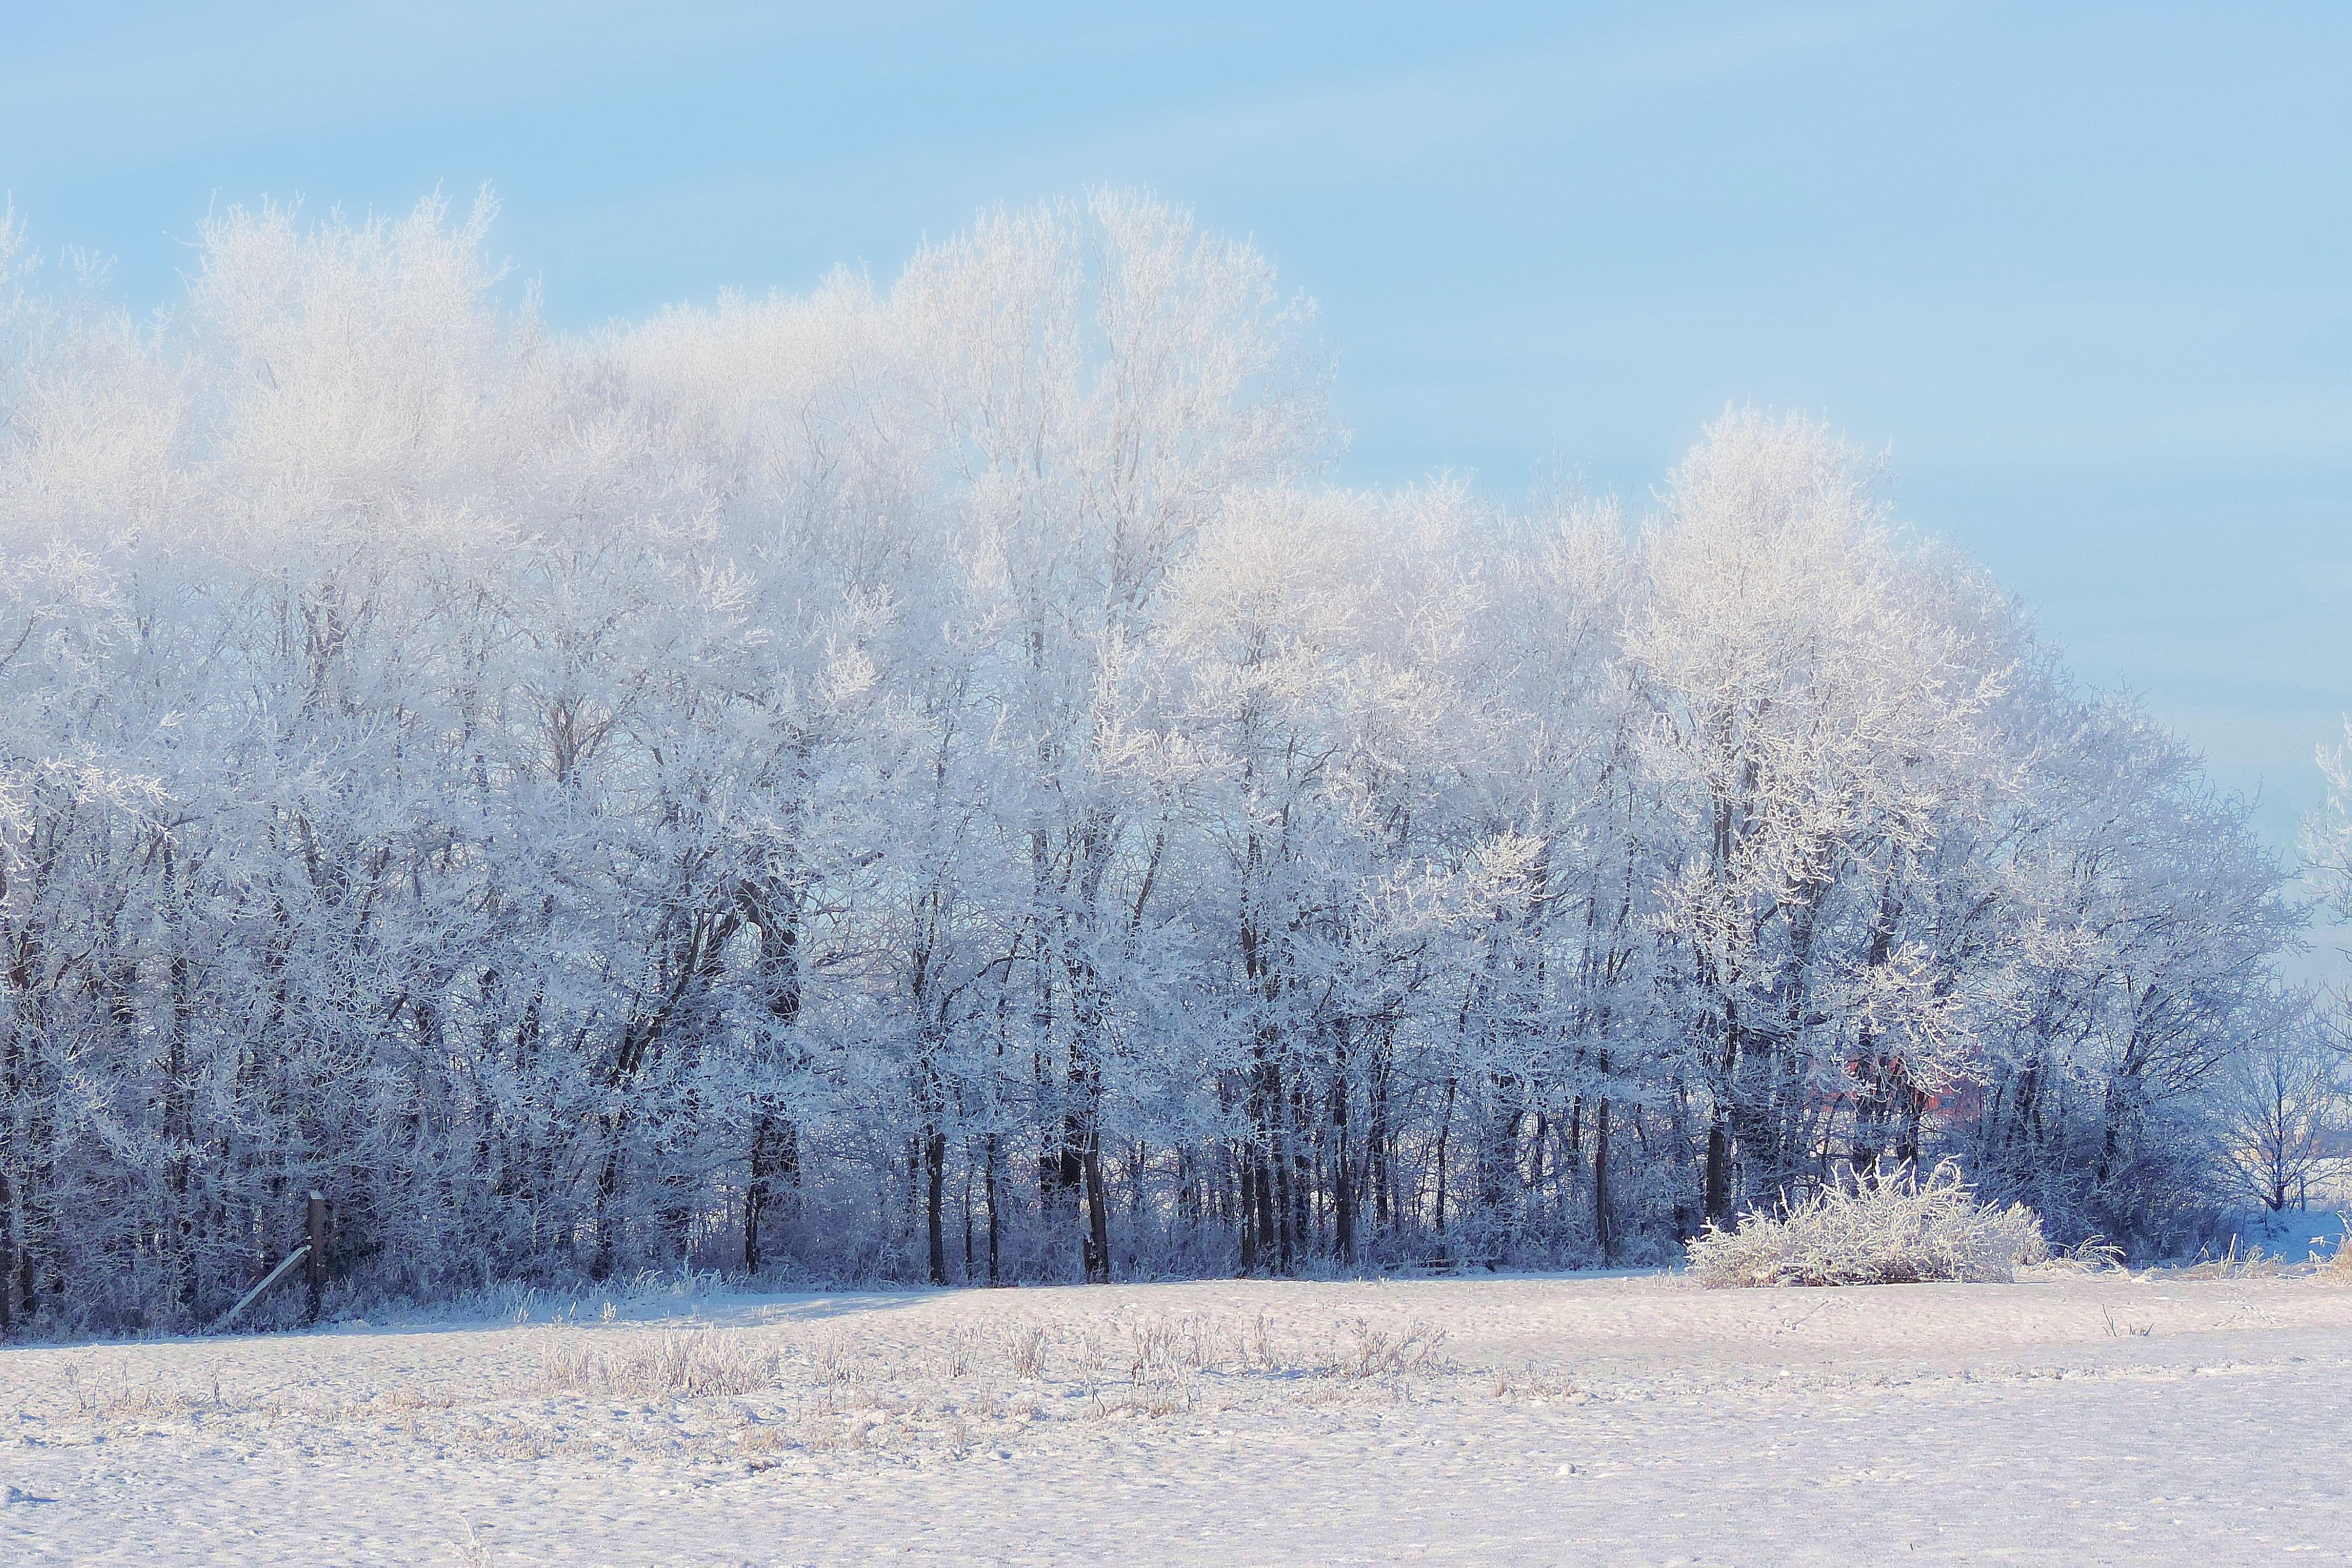 81895 descargar fondo de pantalla Naturaleza, Bosque, Invierno, Nieve, Árboles, Paisaje: protectores de pantalla e imágenes gratis